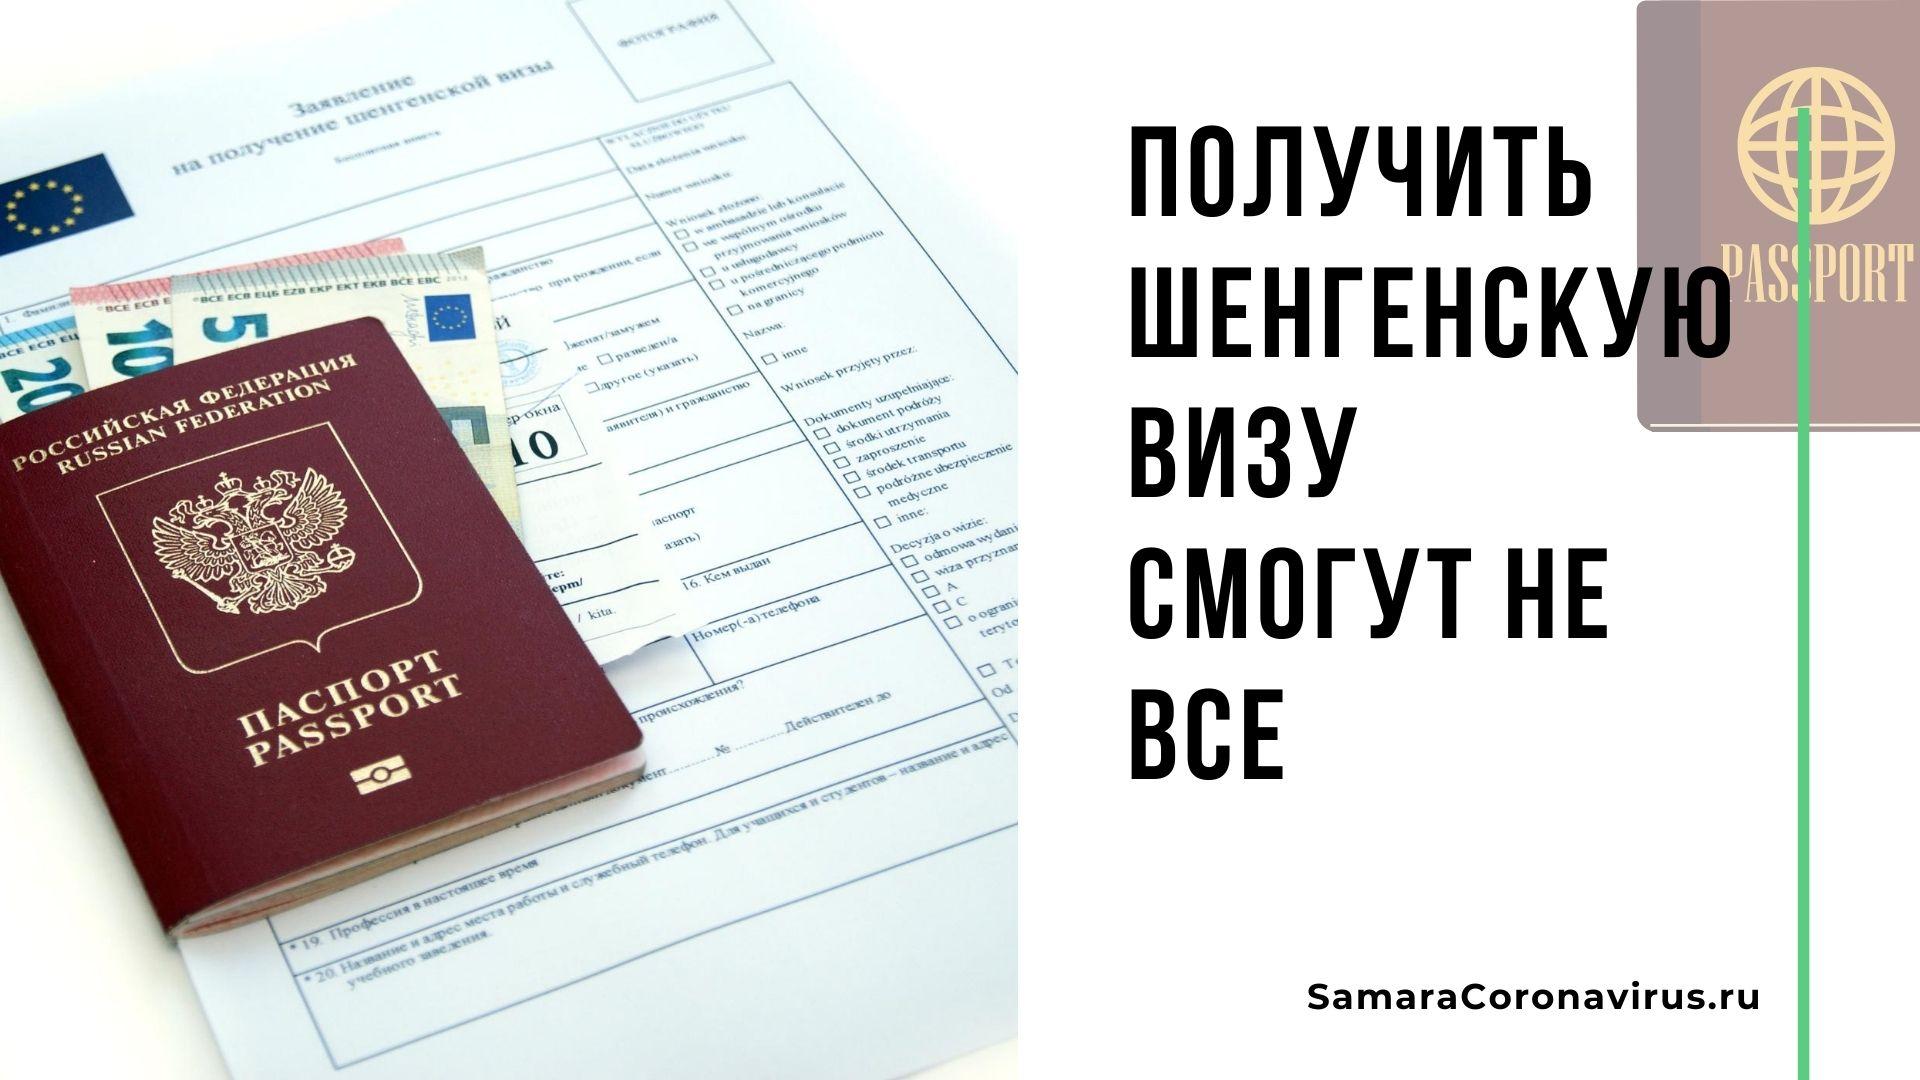 Как получить шенгенскую визу в 2020 году